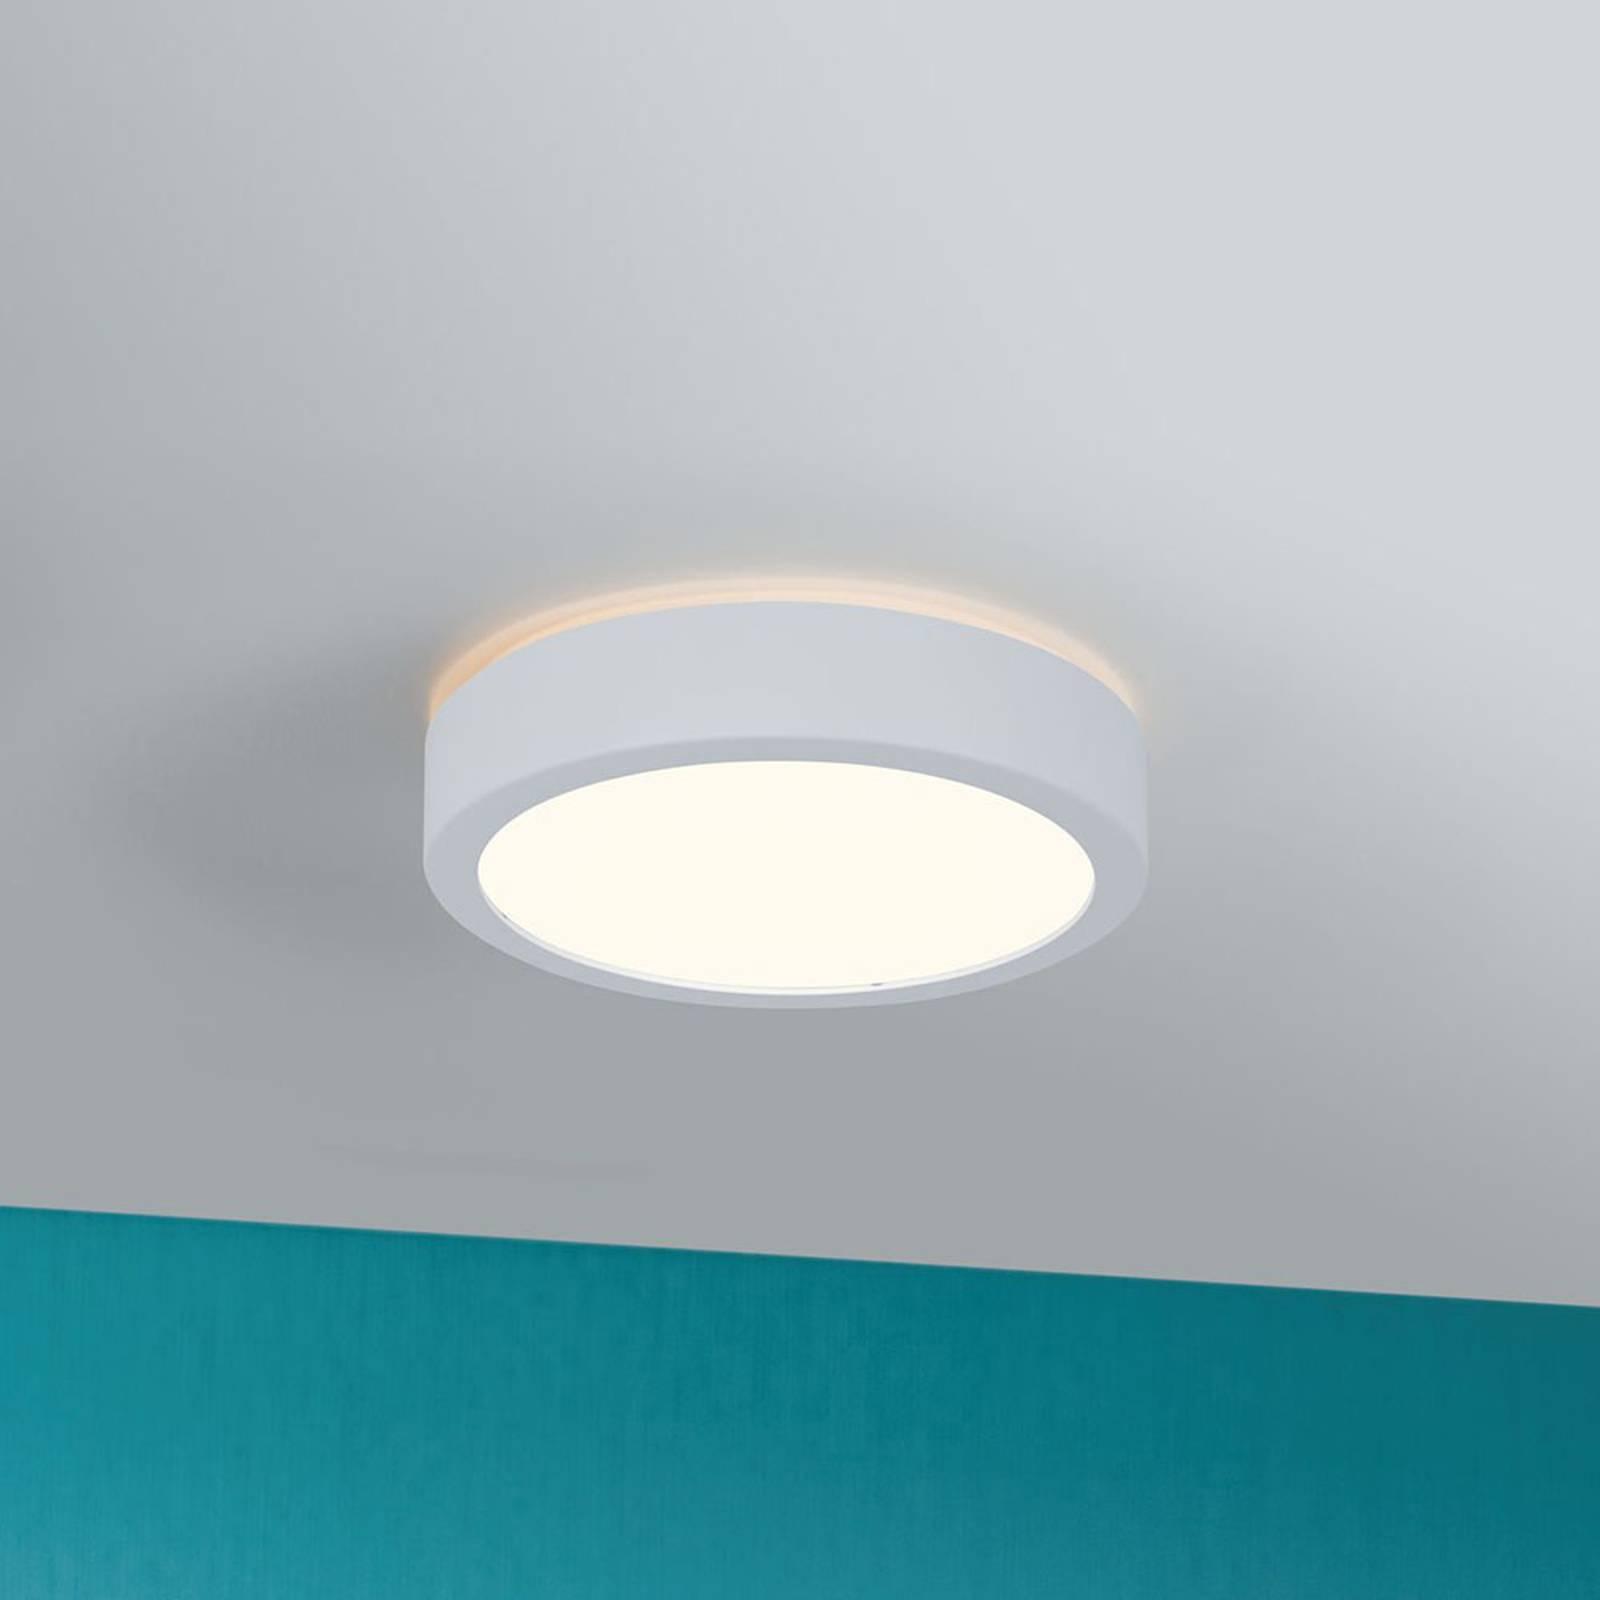 Paulmann Aviar plafonnier LED Ø 22cm blanc 3000K